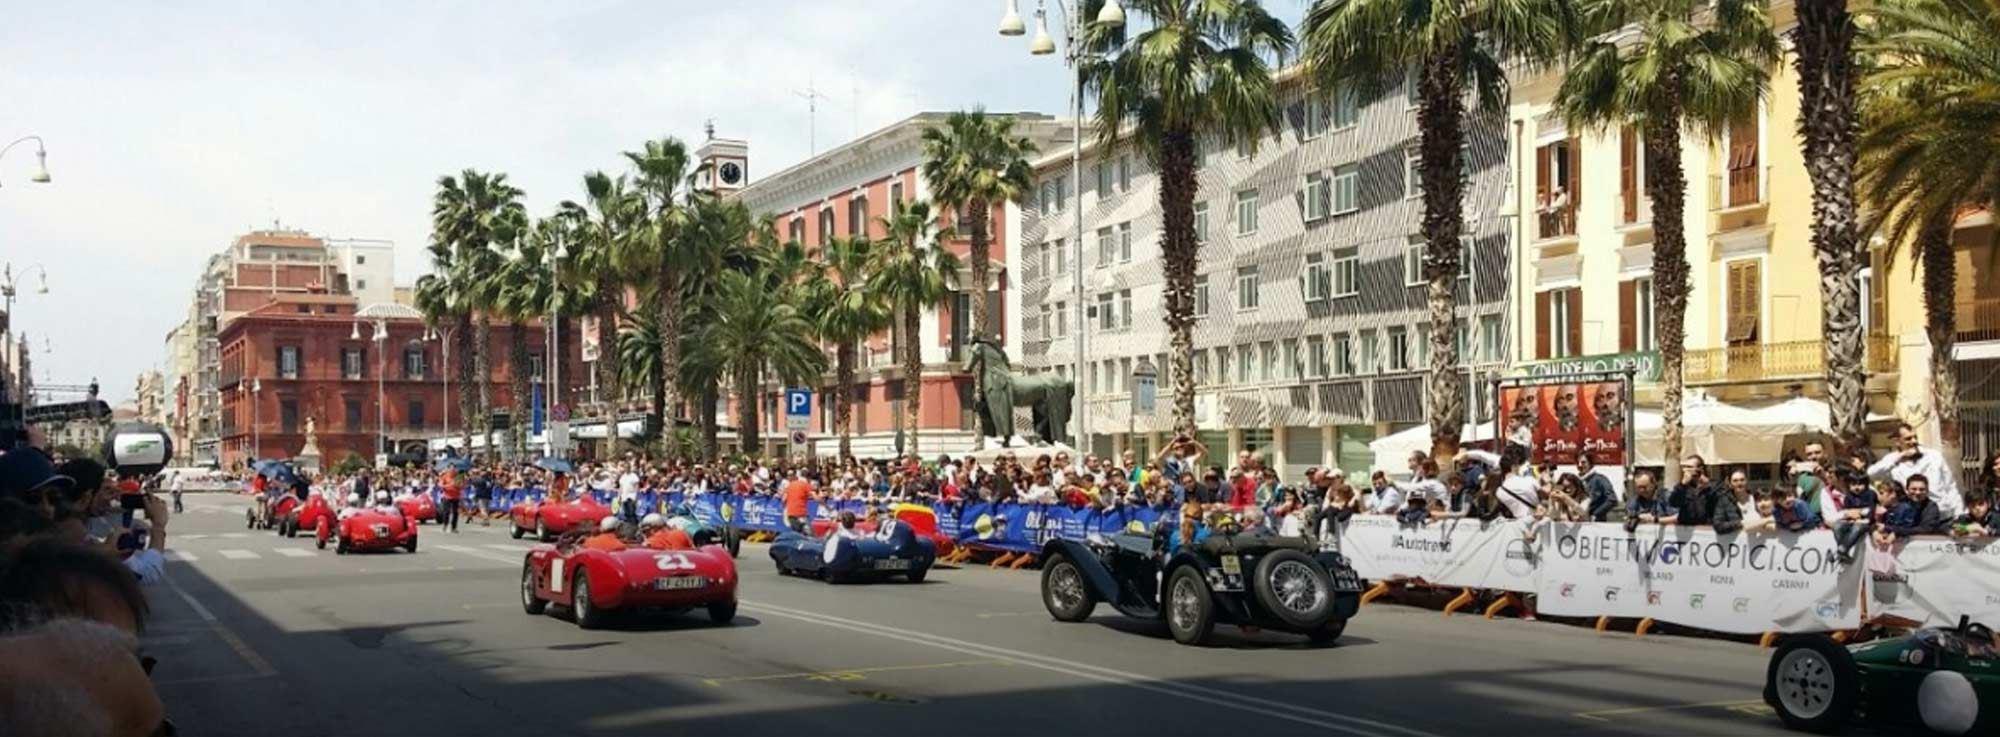 Bari: Rievocazione del Gran Premio di Bari